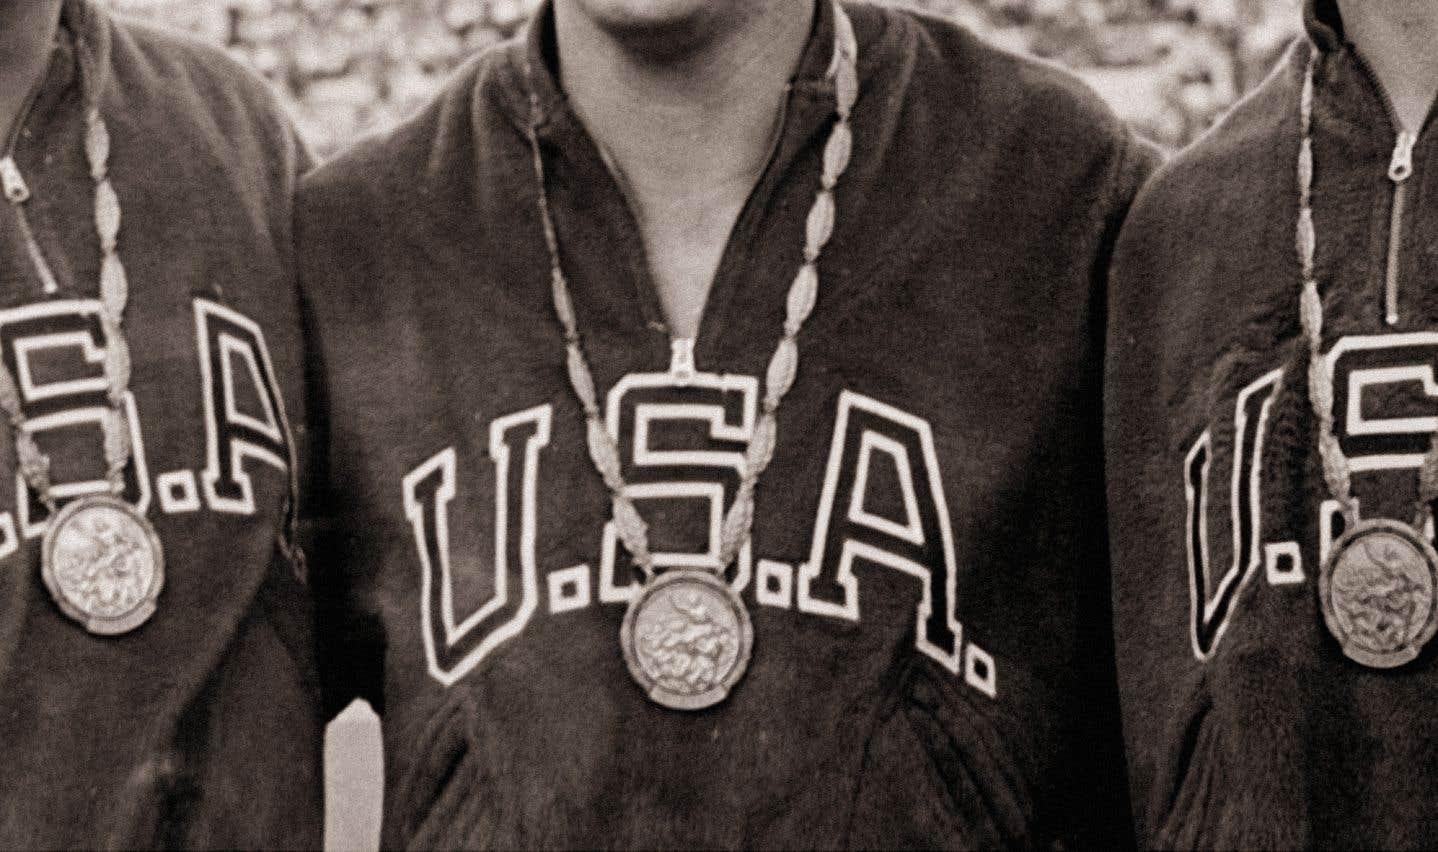 Les comptes à jour jusqu'à Rio en 2016 placent les États-Unis en tête avec 2802 médailles remportées en 49 Jeux, soit 15 % du lot de 18 450 podiums.